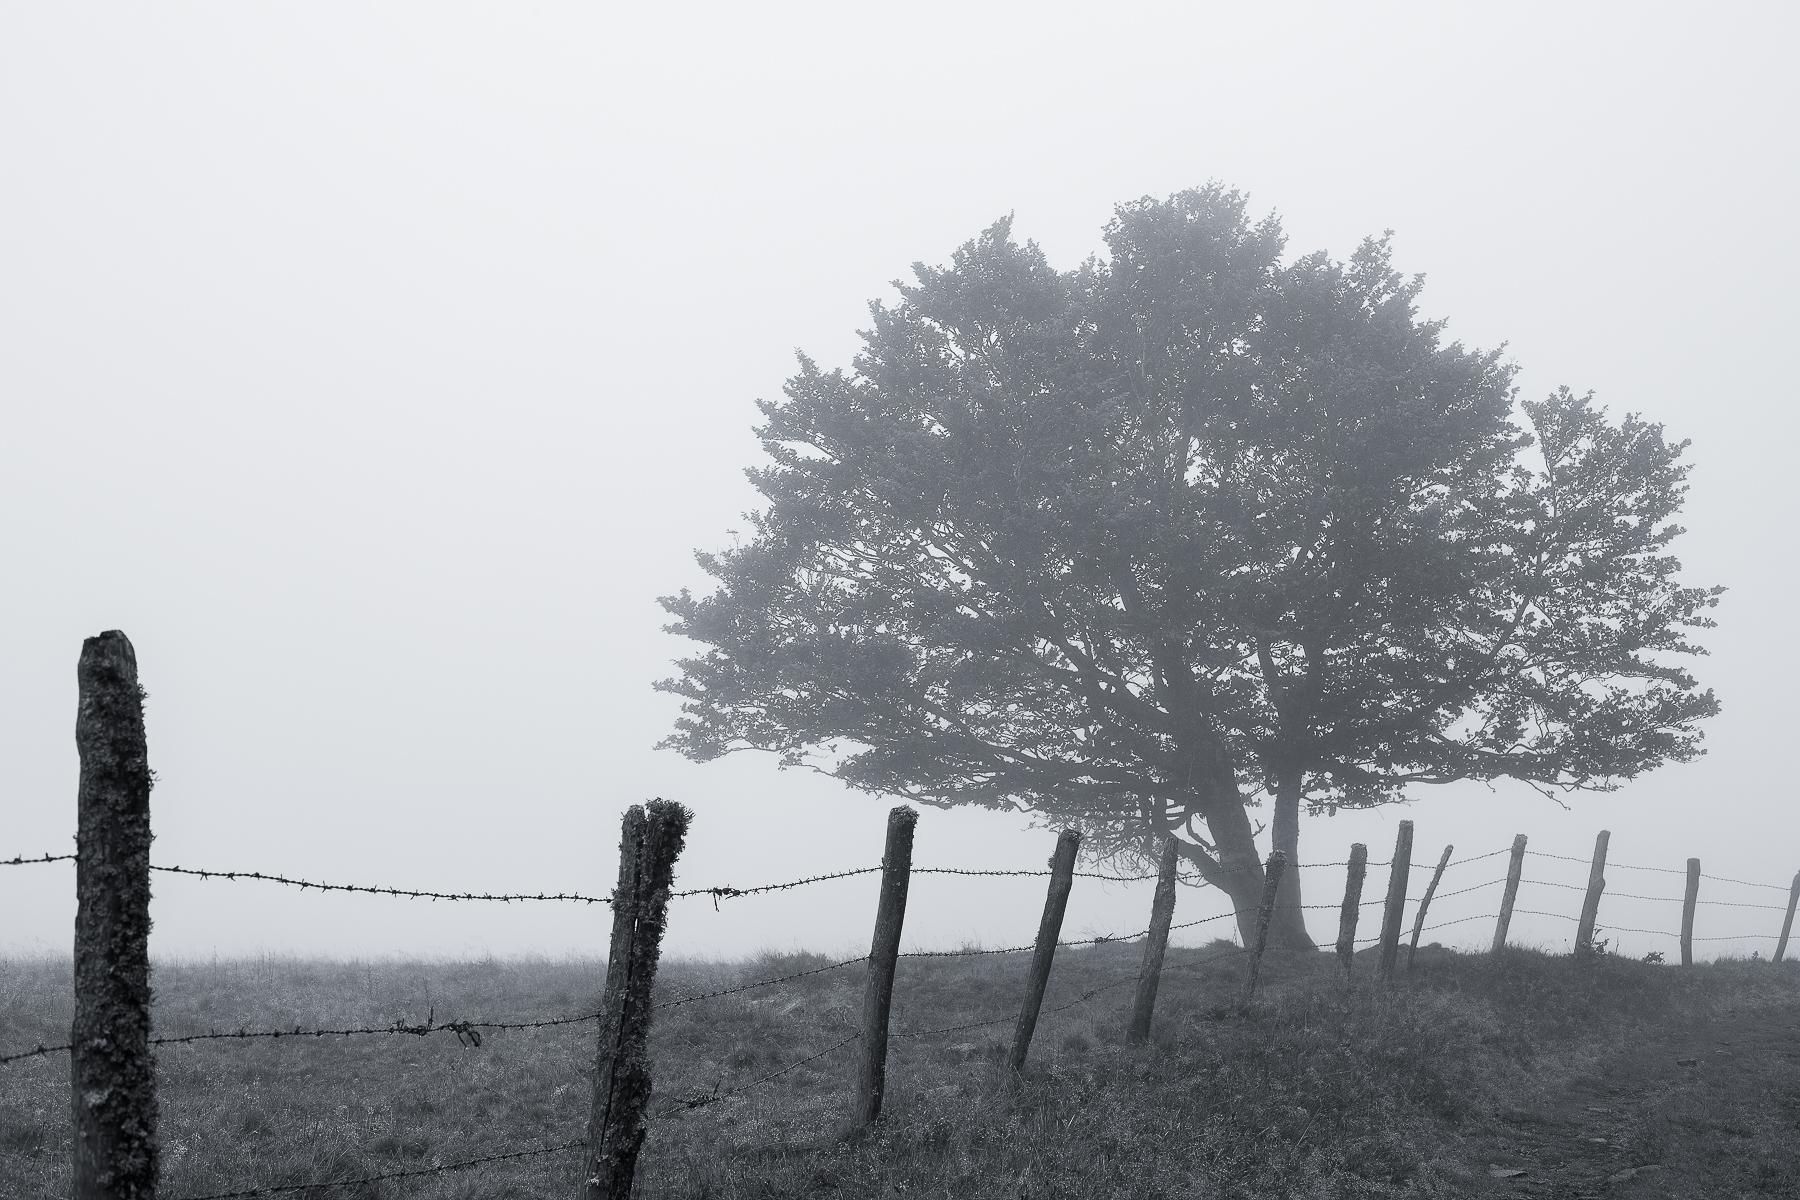 Arbre solitaire dans le brouillard en noir et blanc